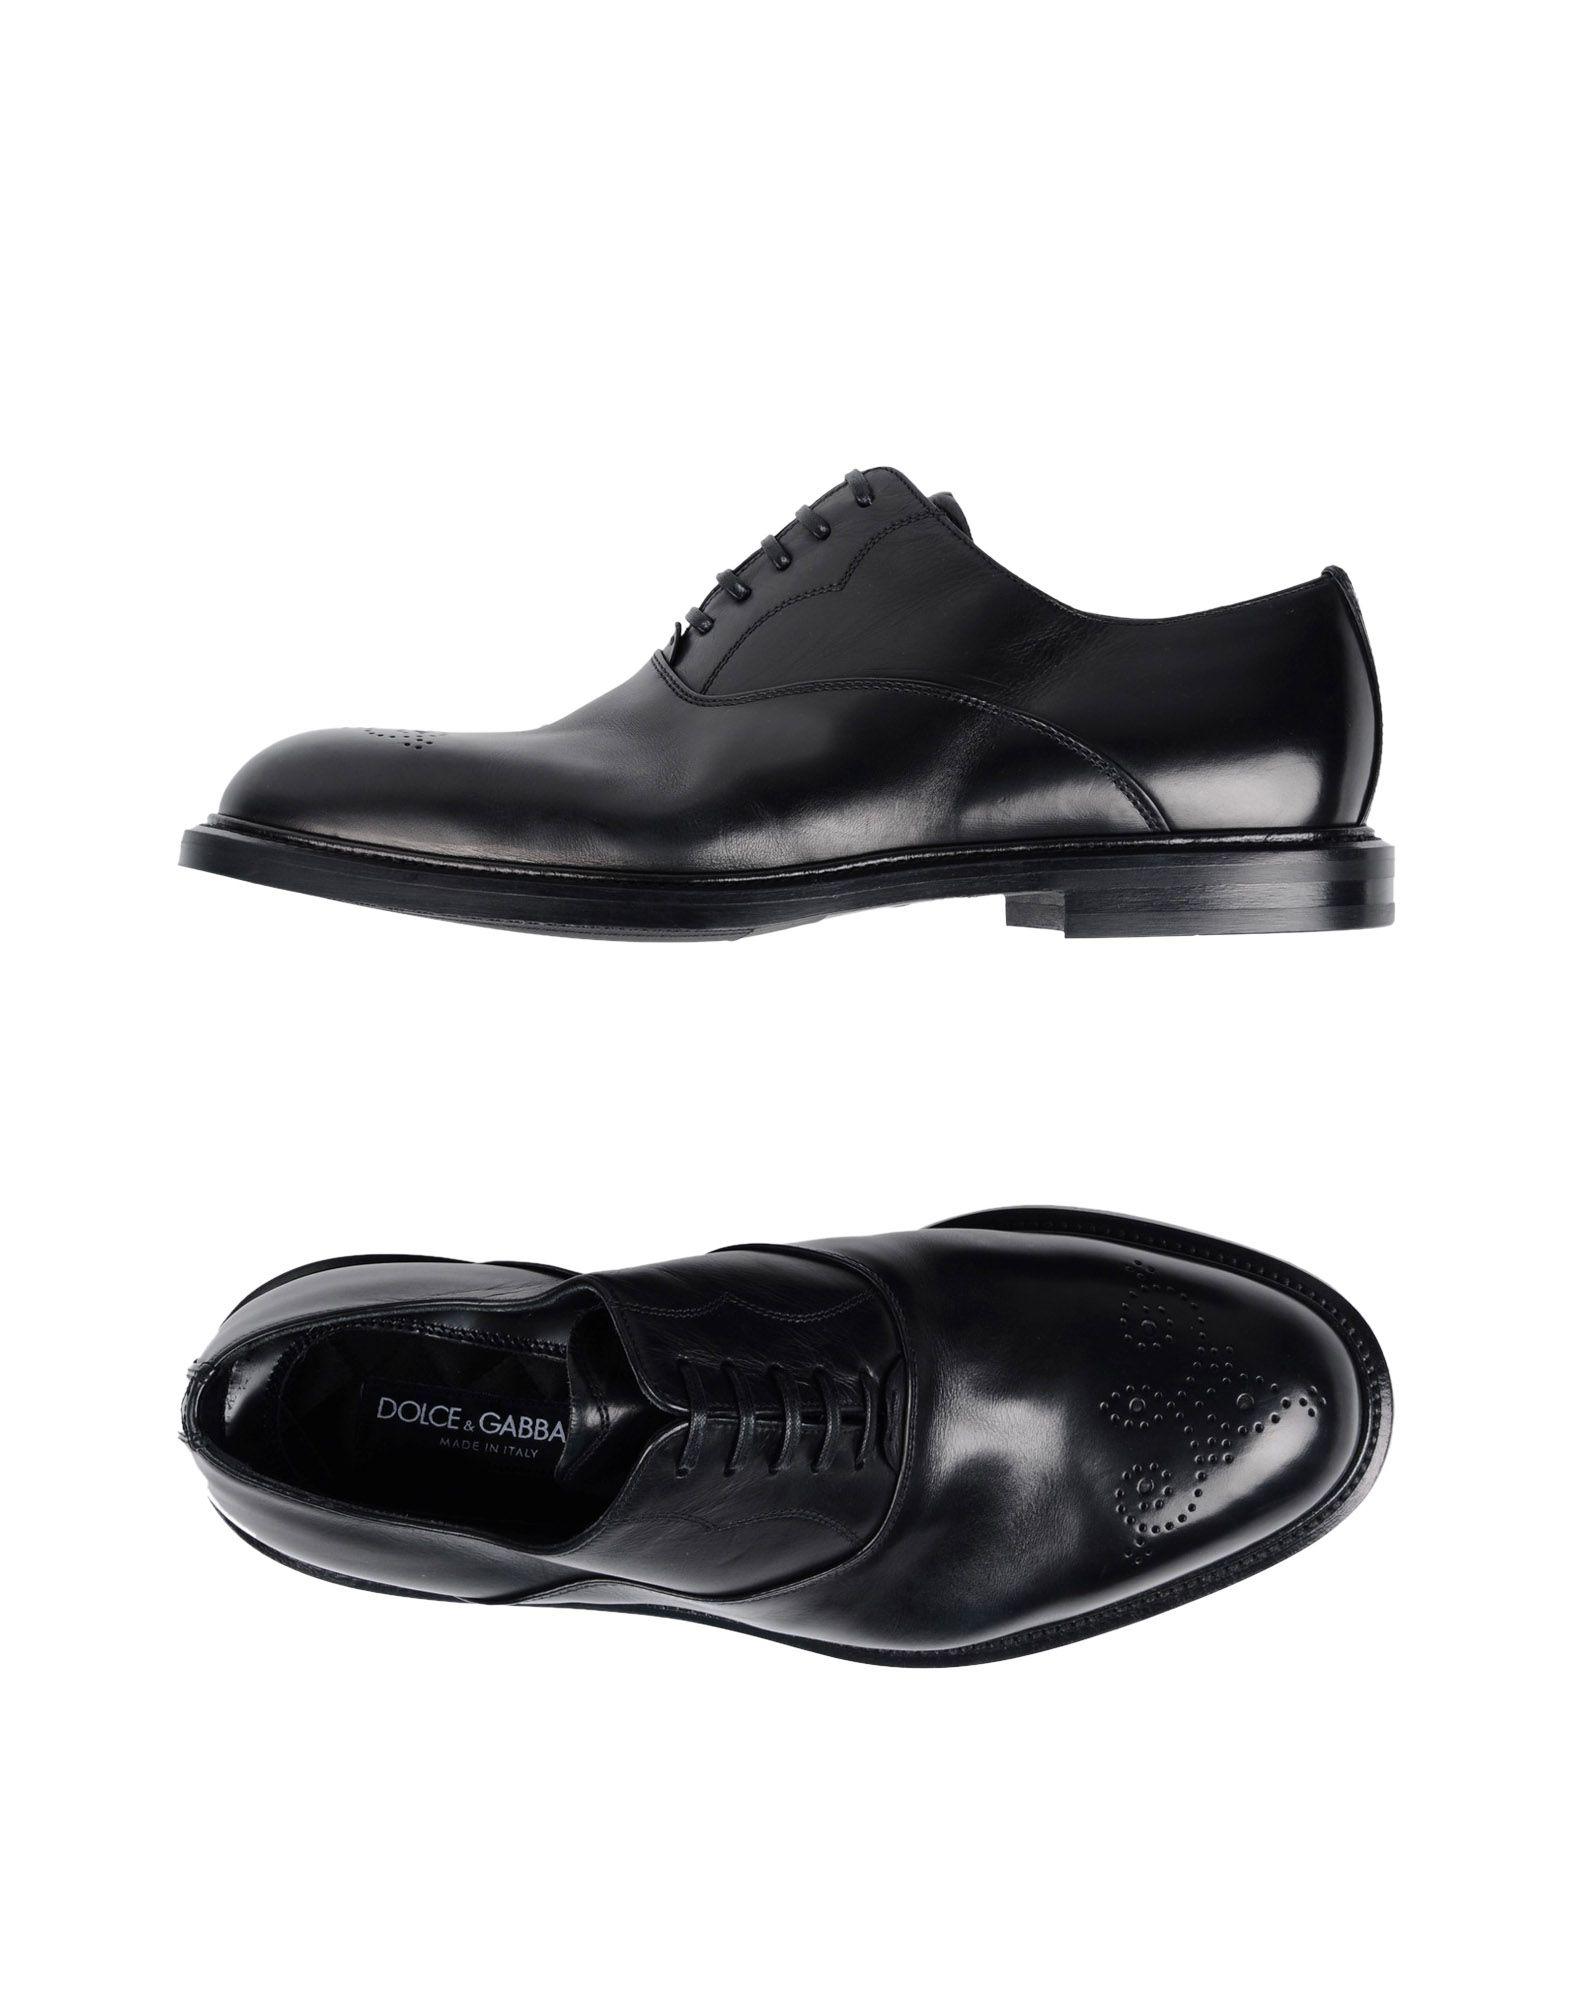 Dolce & Gabbana Schnürschuhe Herren  11462553IQ Gute Qualität beliebte Schuhe